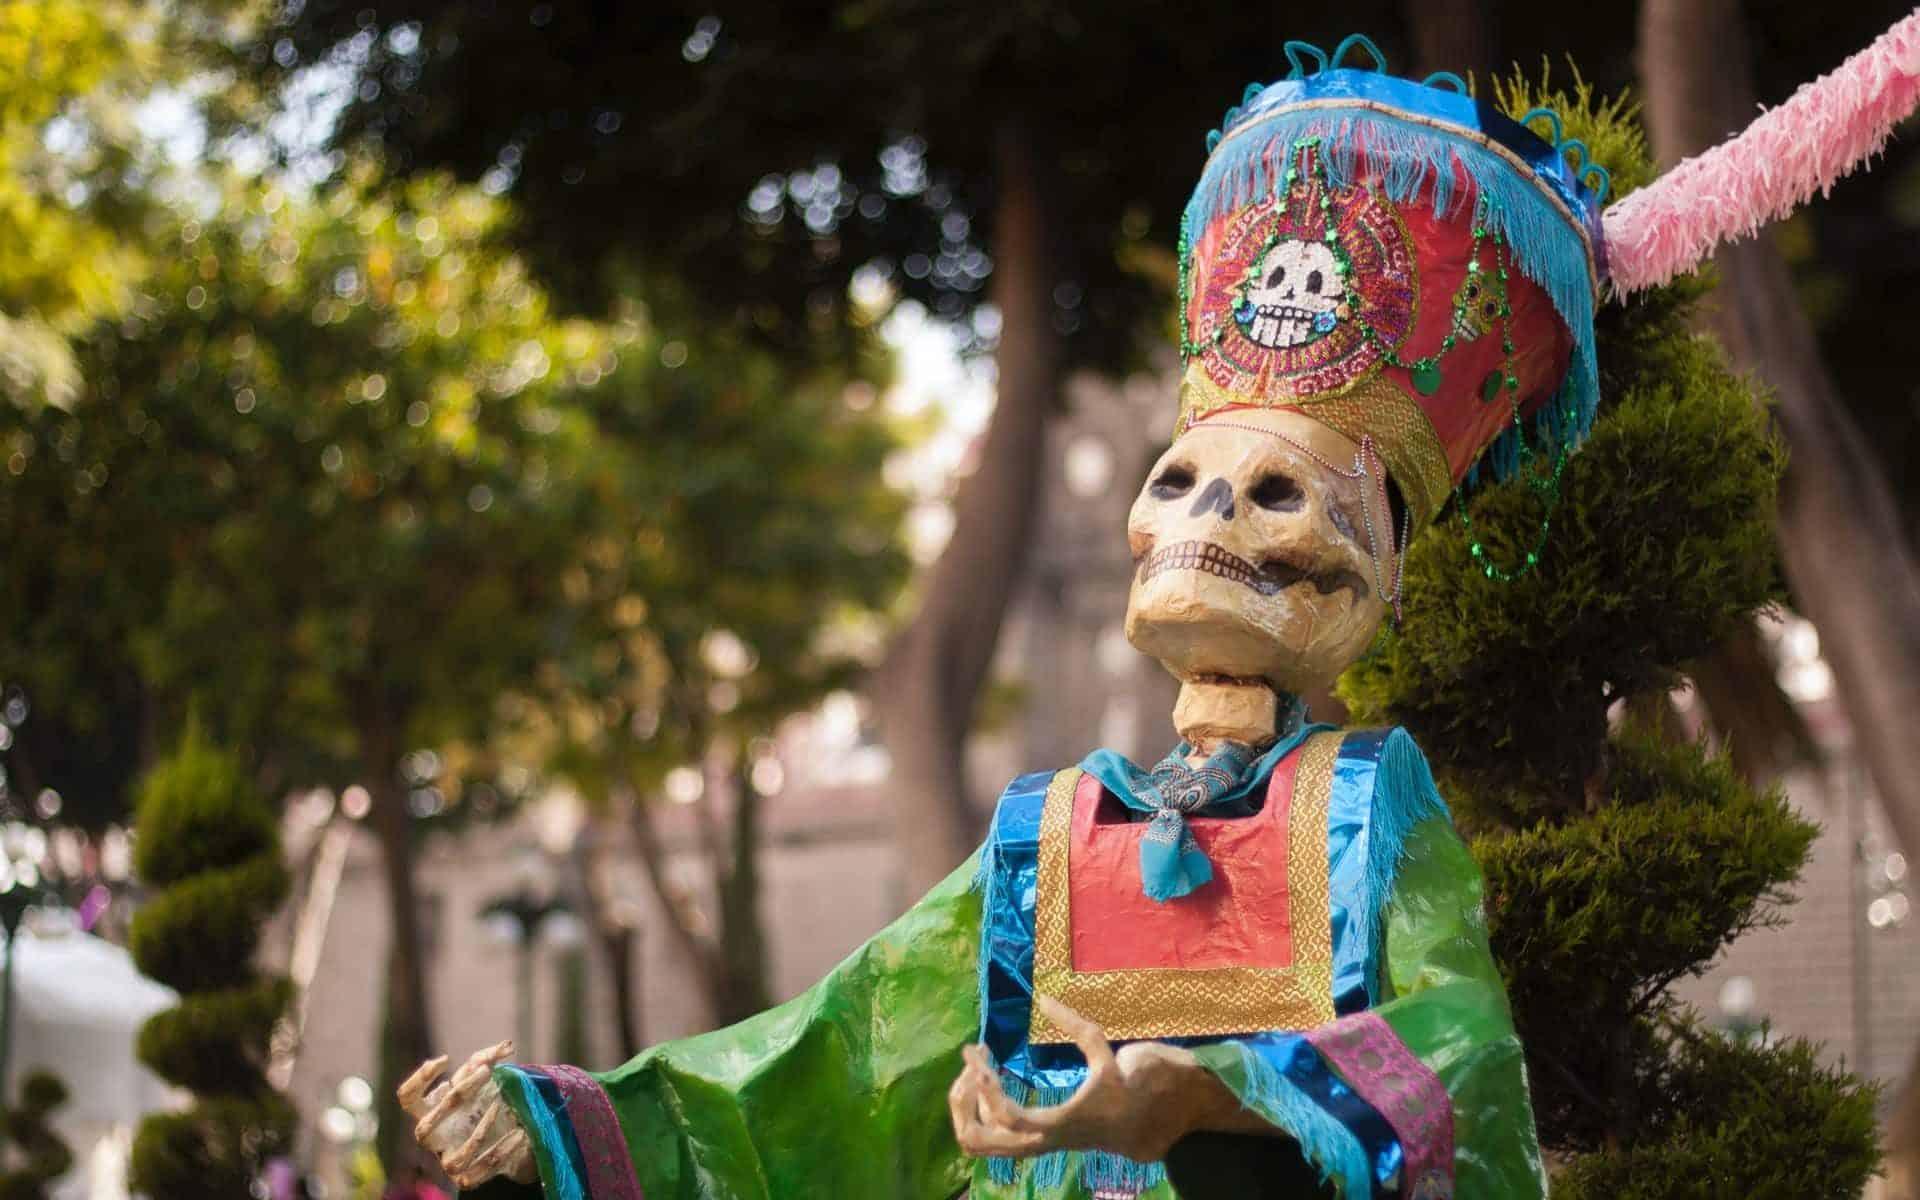 Uma estátua de um esqueleto típico do festejo do dia dos mortos mexicano.